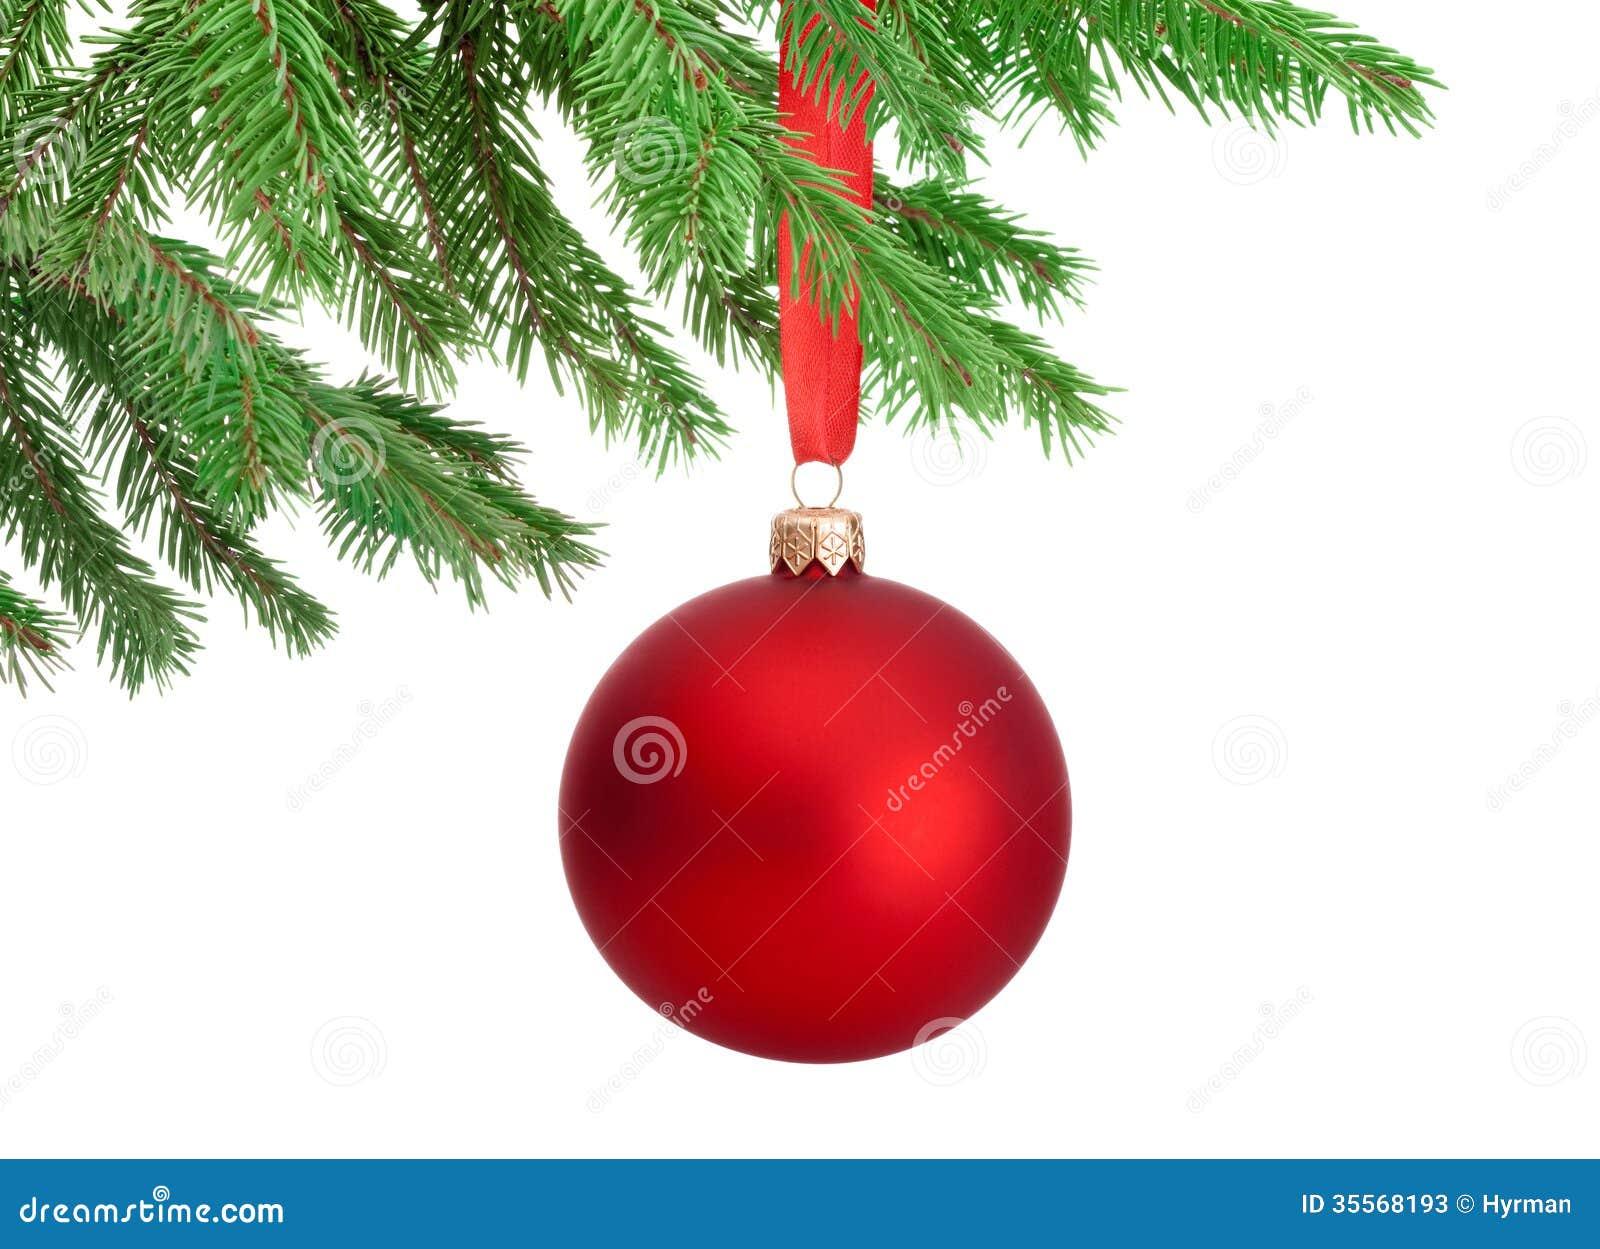 Boule rouge de no l accrochant sur une branche d 39 arbre de - Boule de noel rouge et blanche ...